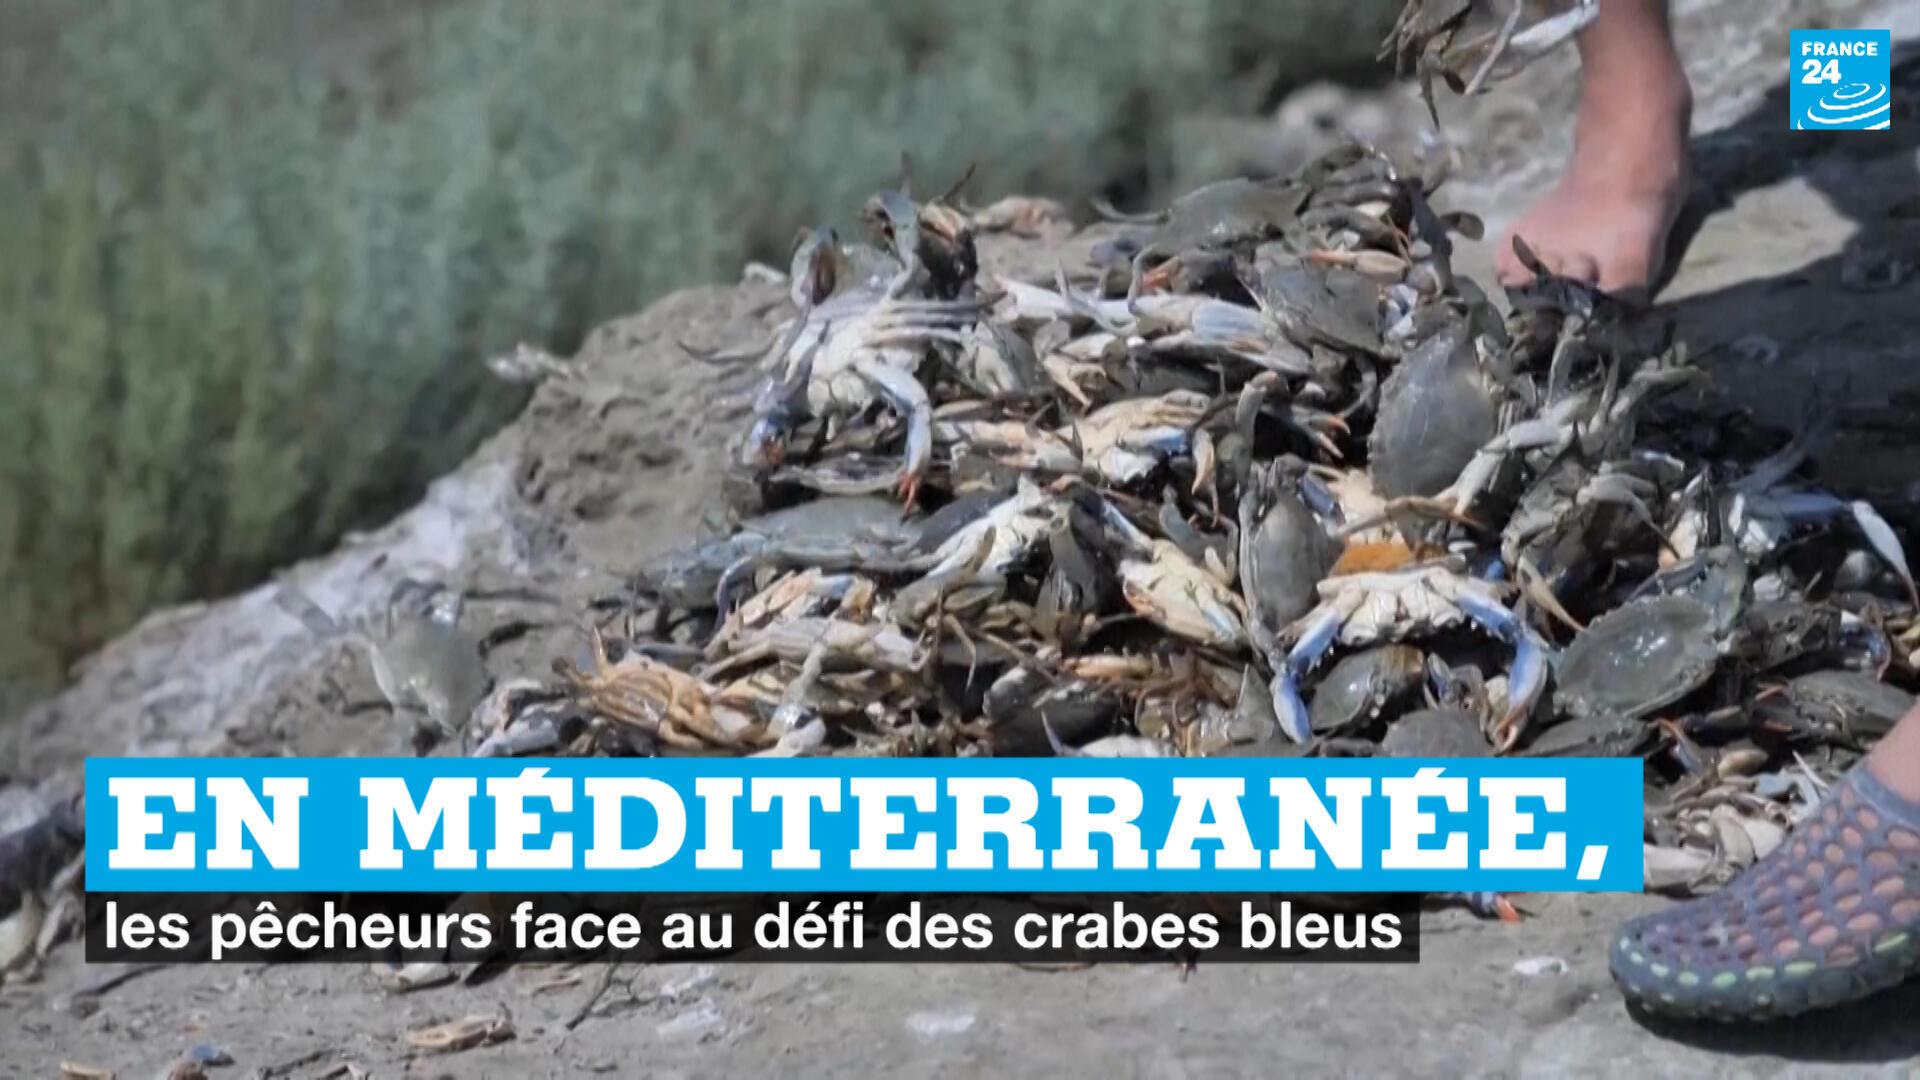 Les crabes bleus Callinectes sapidus et Portunus segnis sont des espèces invasives.